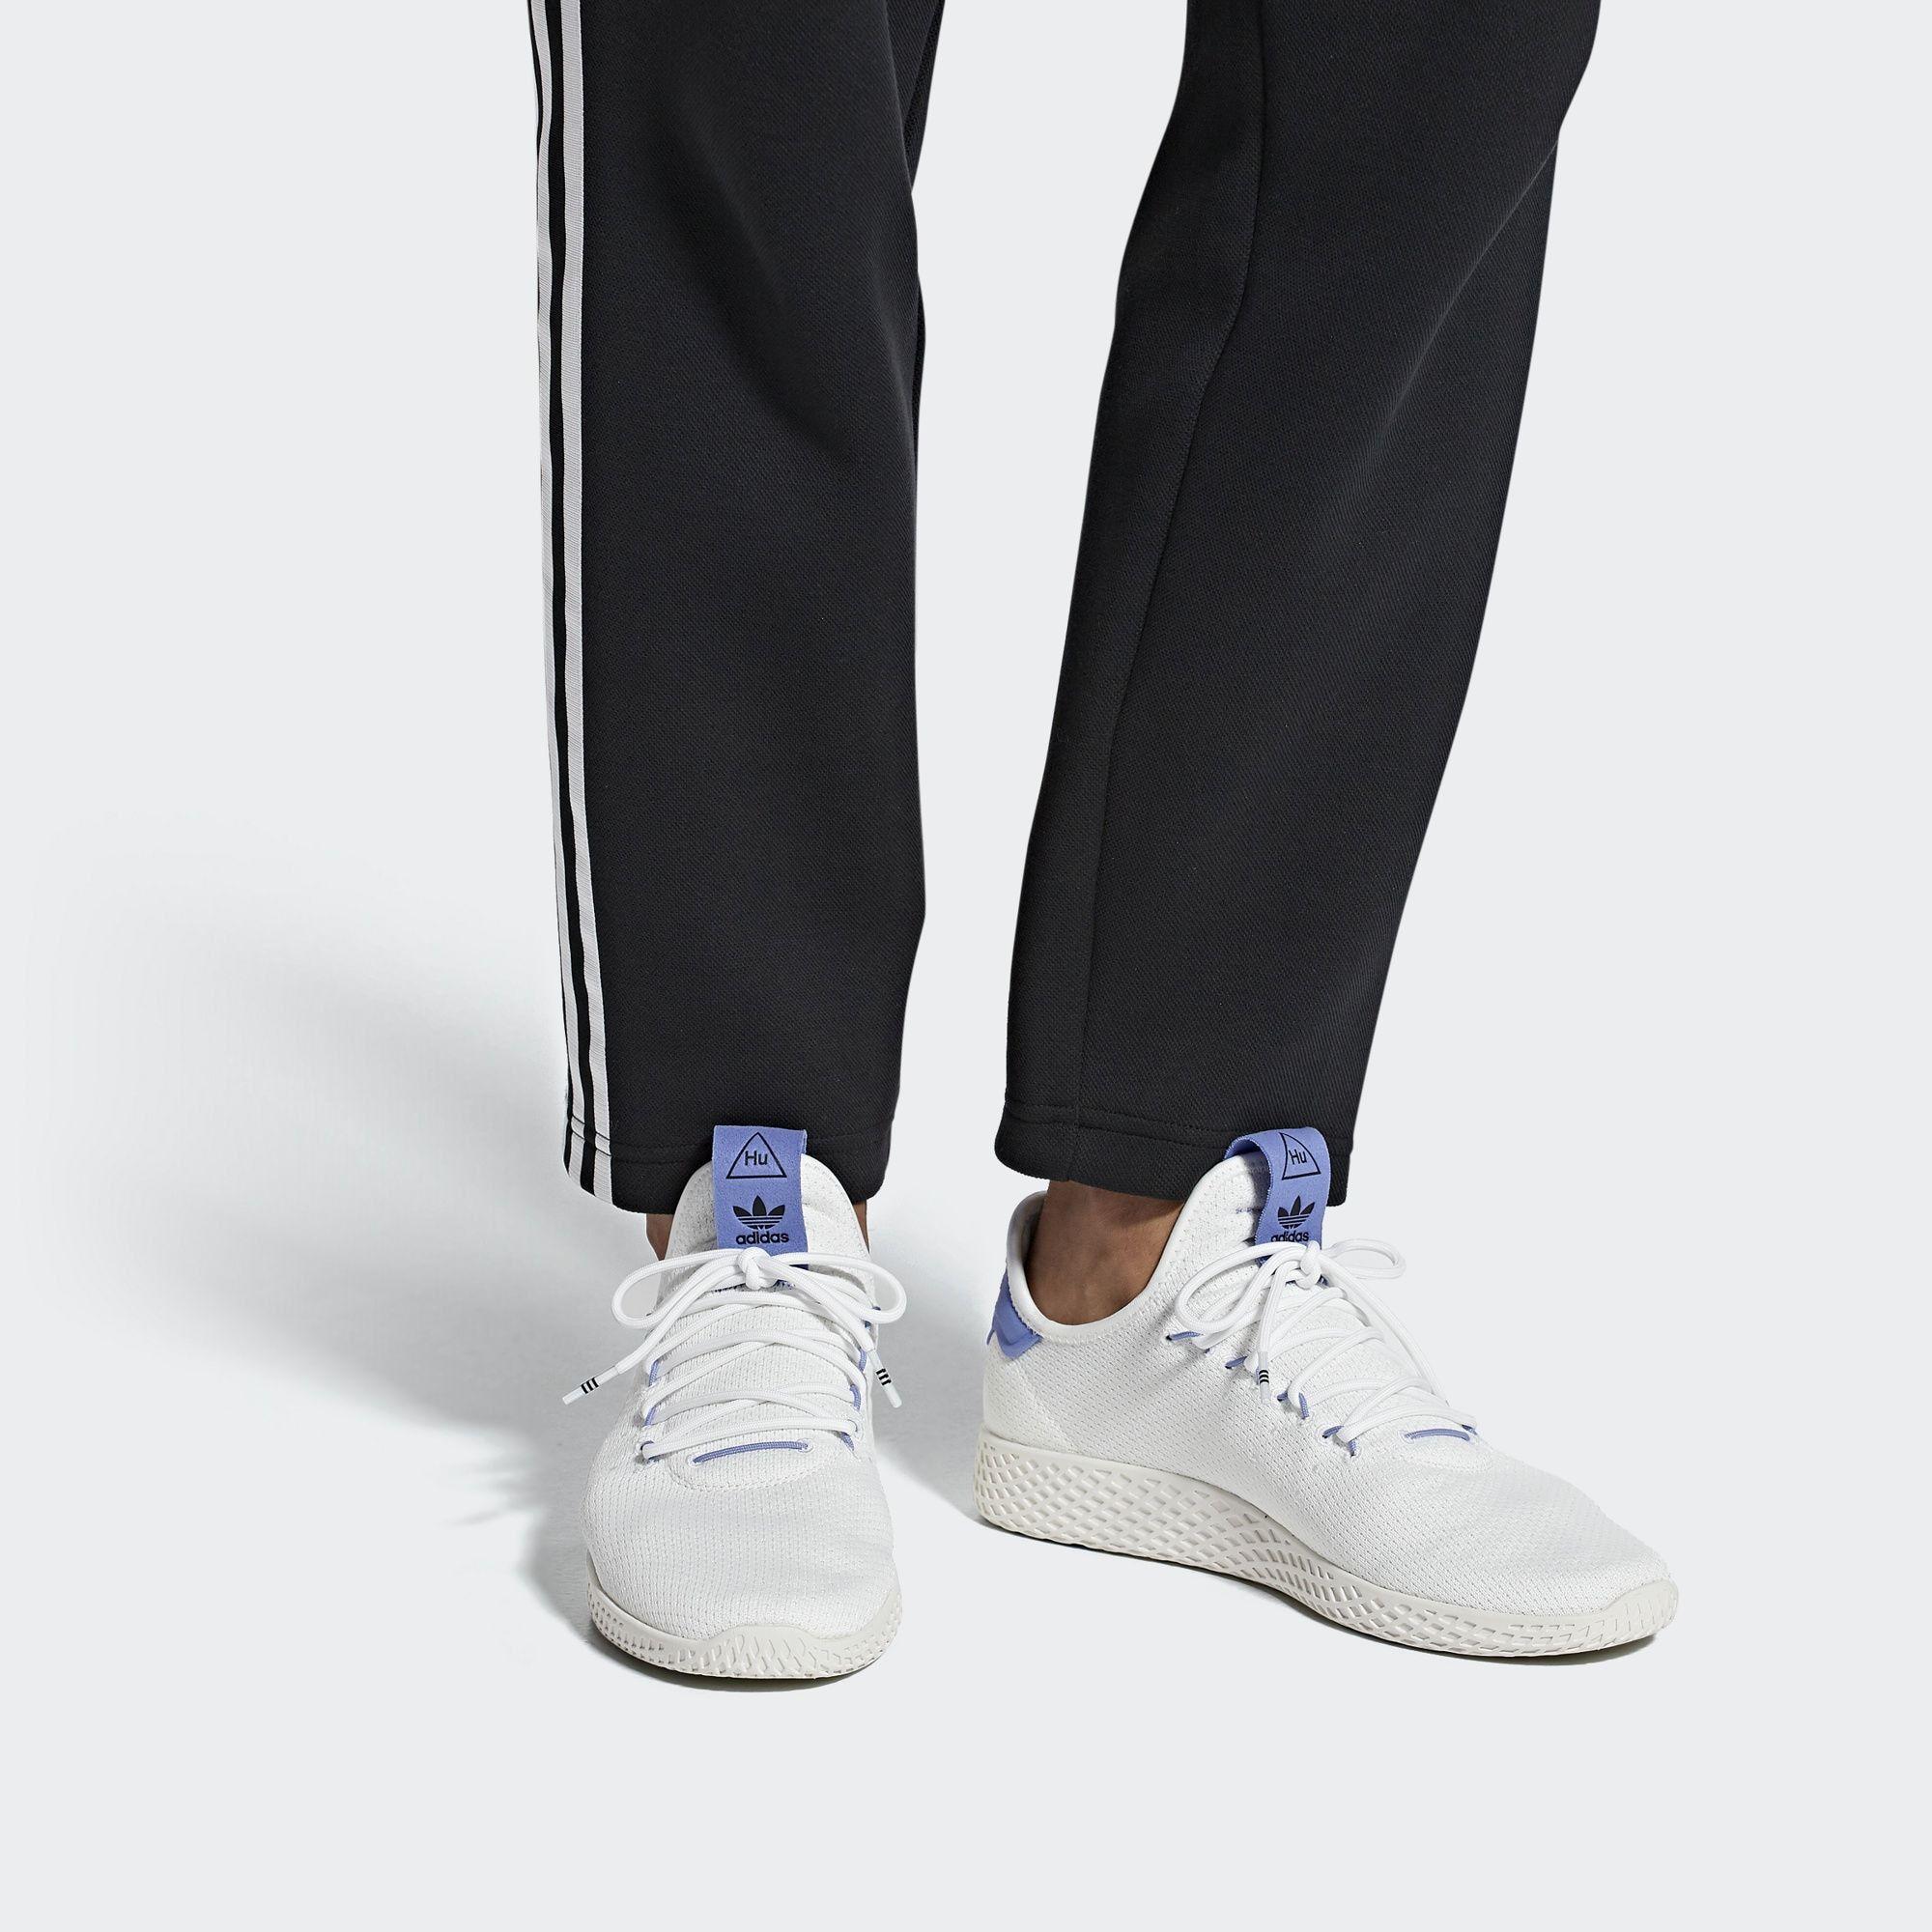 Pharrell williams und Adidas originals